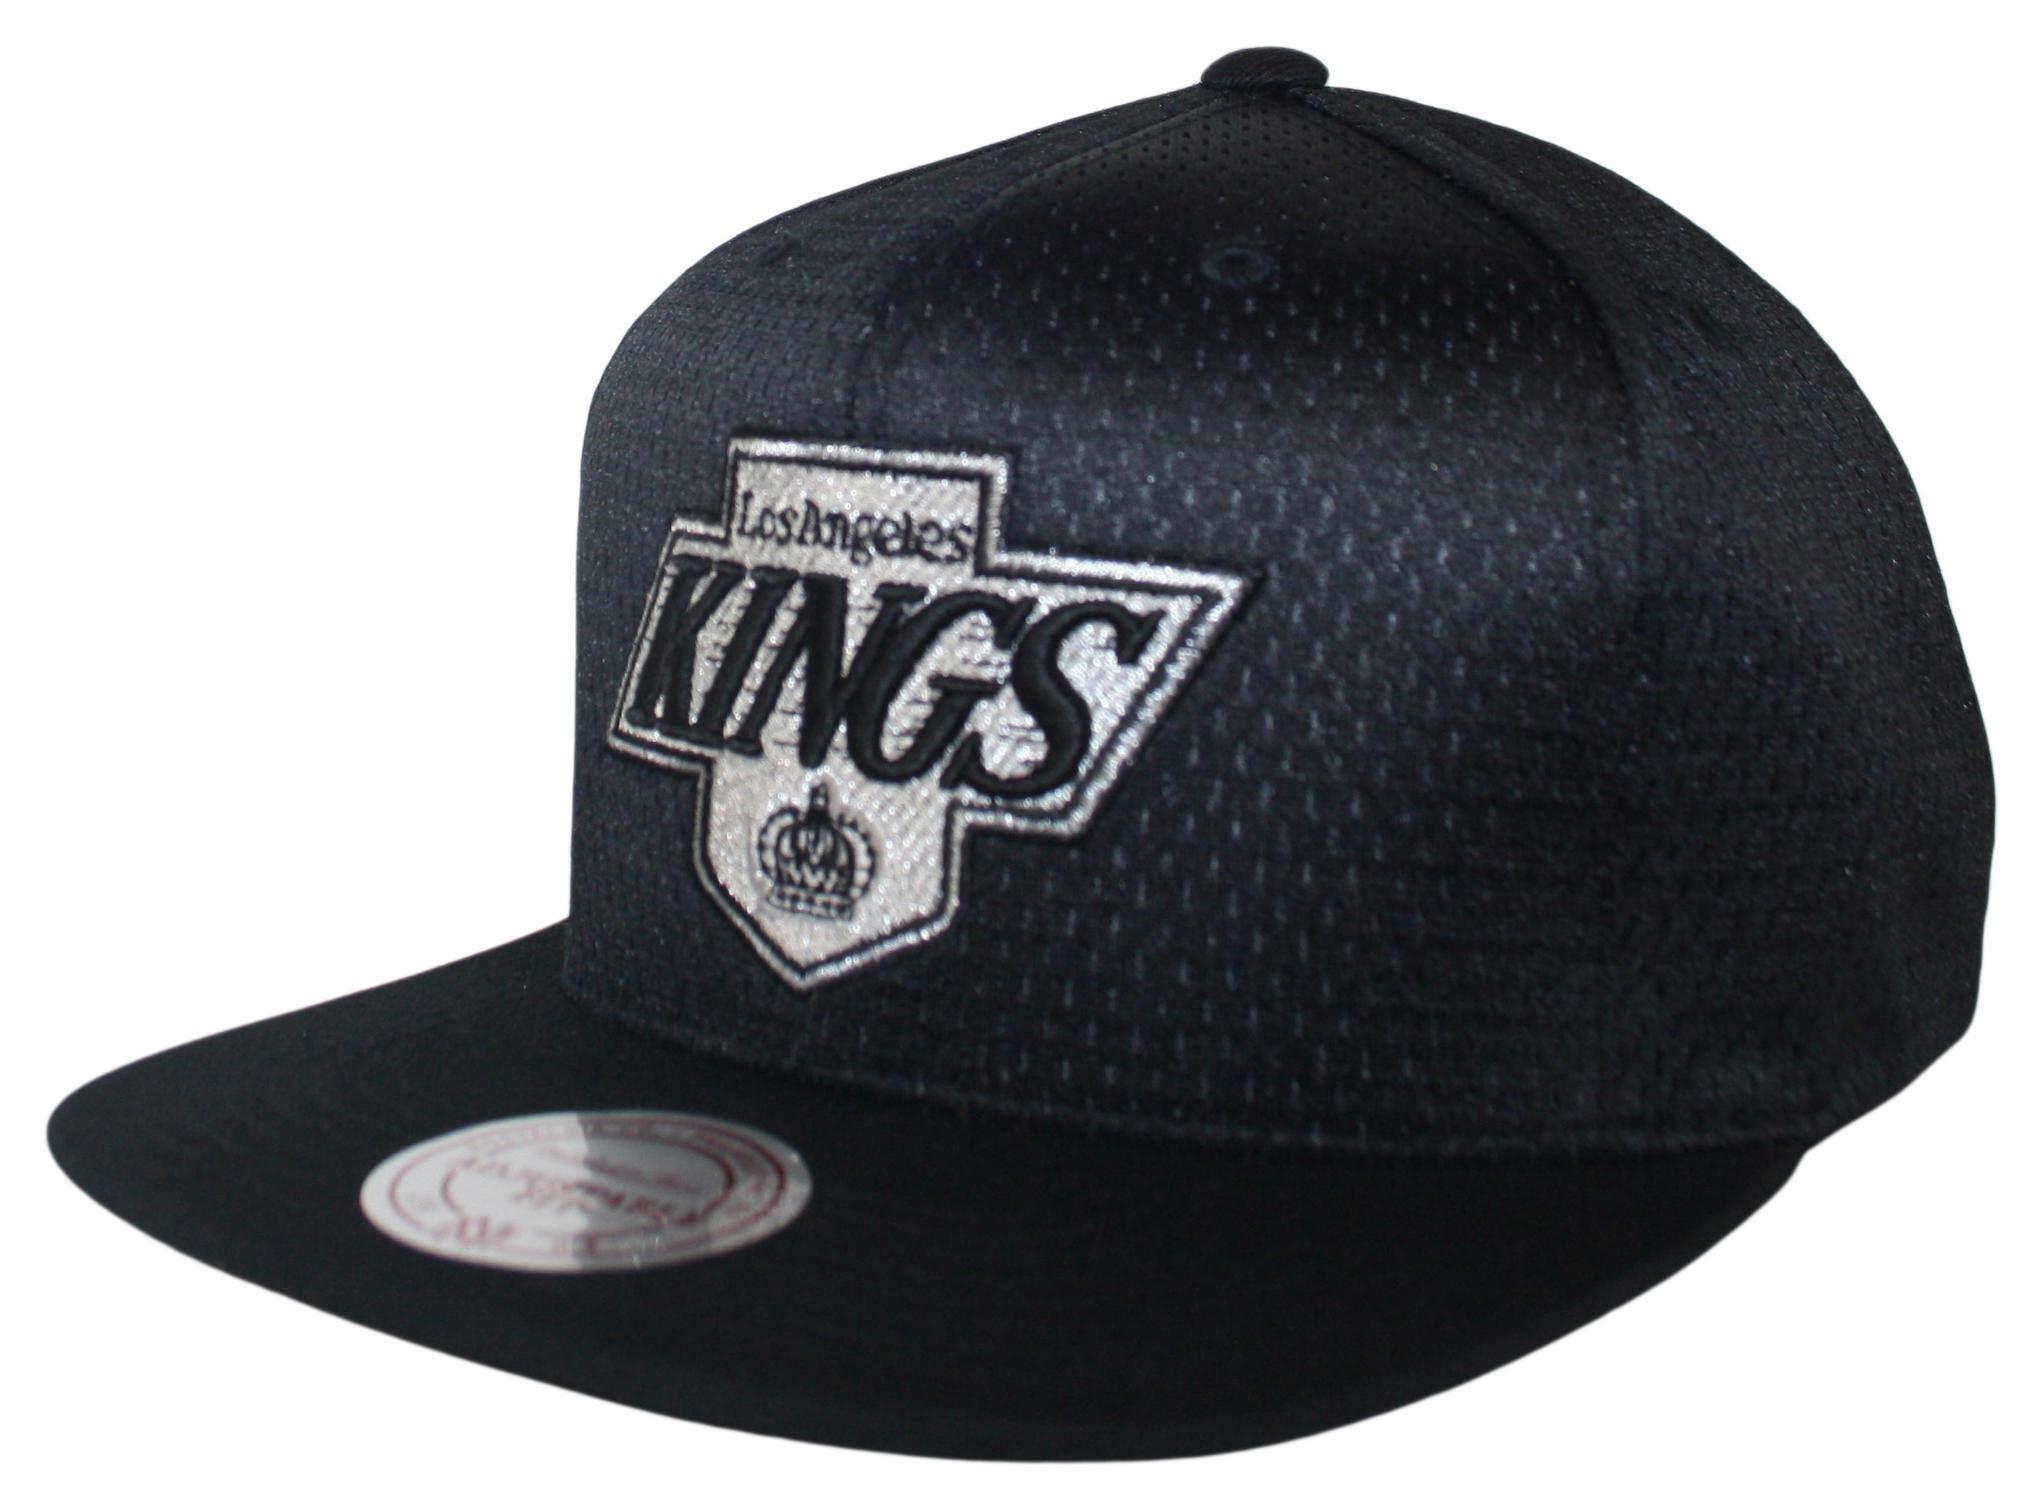 newest 159d6 d61f4 Mitchell & Ness | LA Kings Black Jersey Mesh Snapback